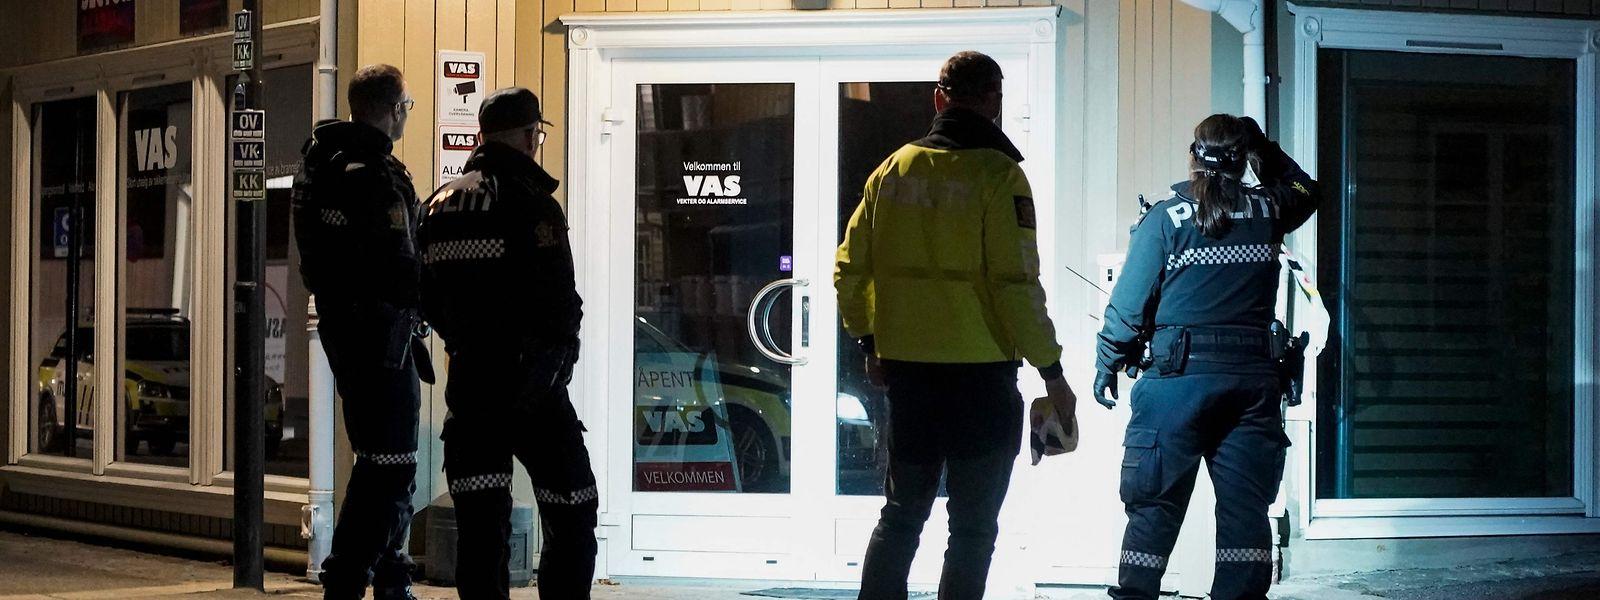 Polizeibeamte untersuchten am Mittwochabend die Tatorte genauestens.